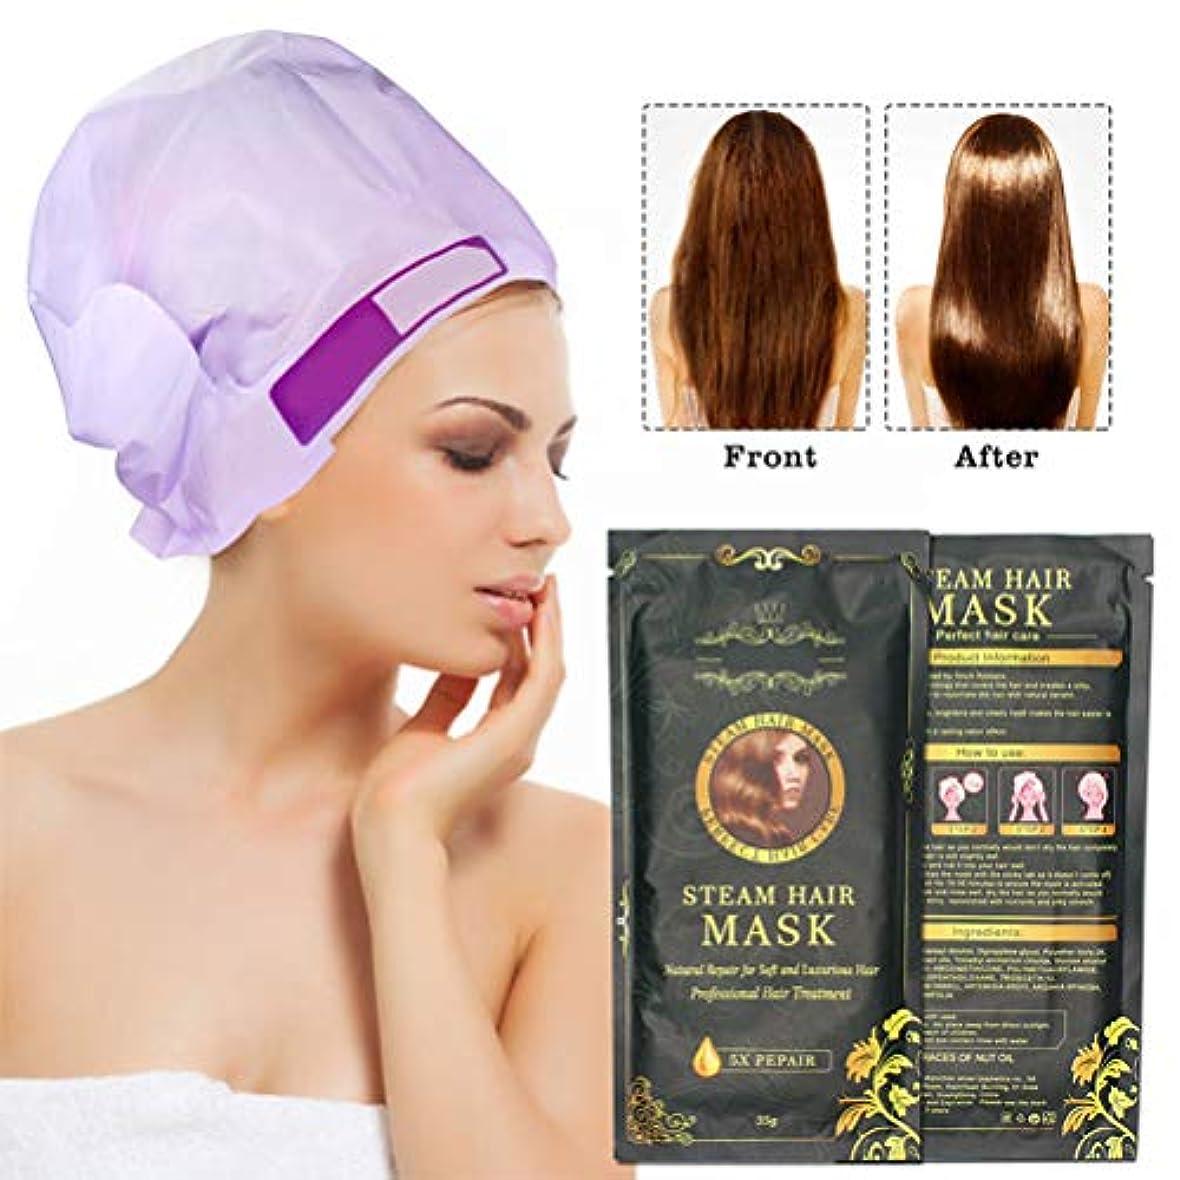 ハング女優だらしないsupbel シャワーキャップ ヘアマスク オイスターソース ヘアキャップ 熱を保温 つや髪 美髪 使い捨て 浸透を促進 防水 美容室 エステサロン ロングヘア対応 切れ毛 保湿